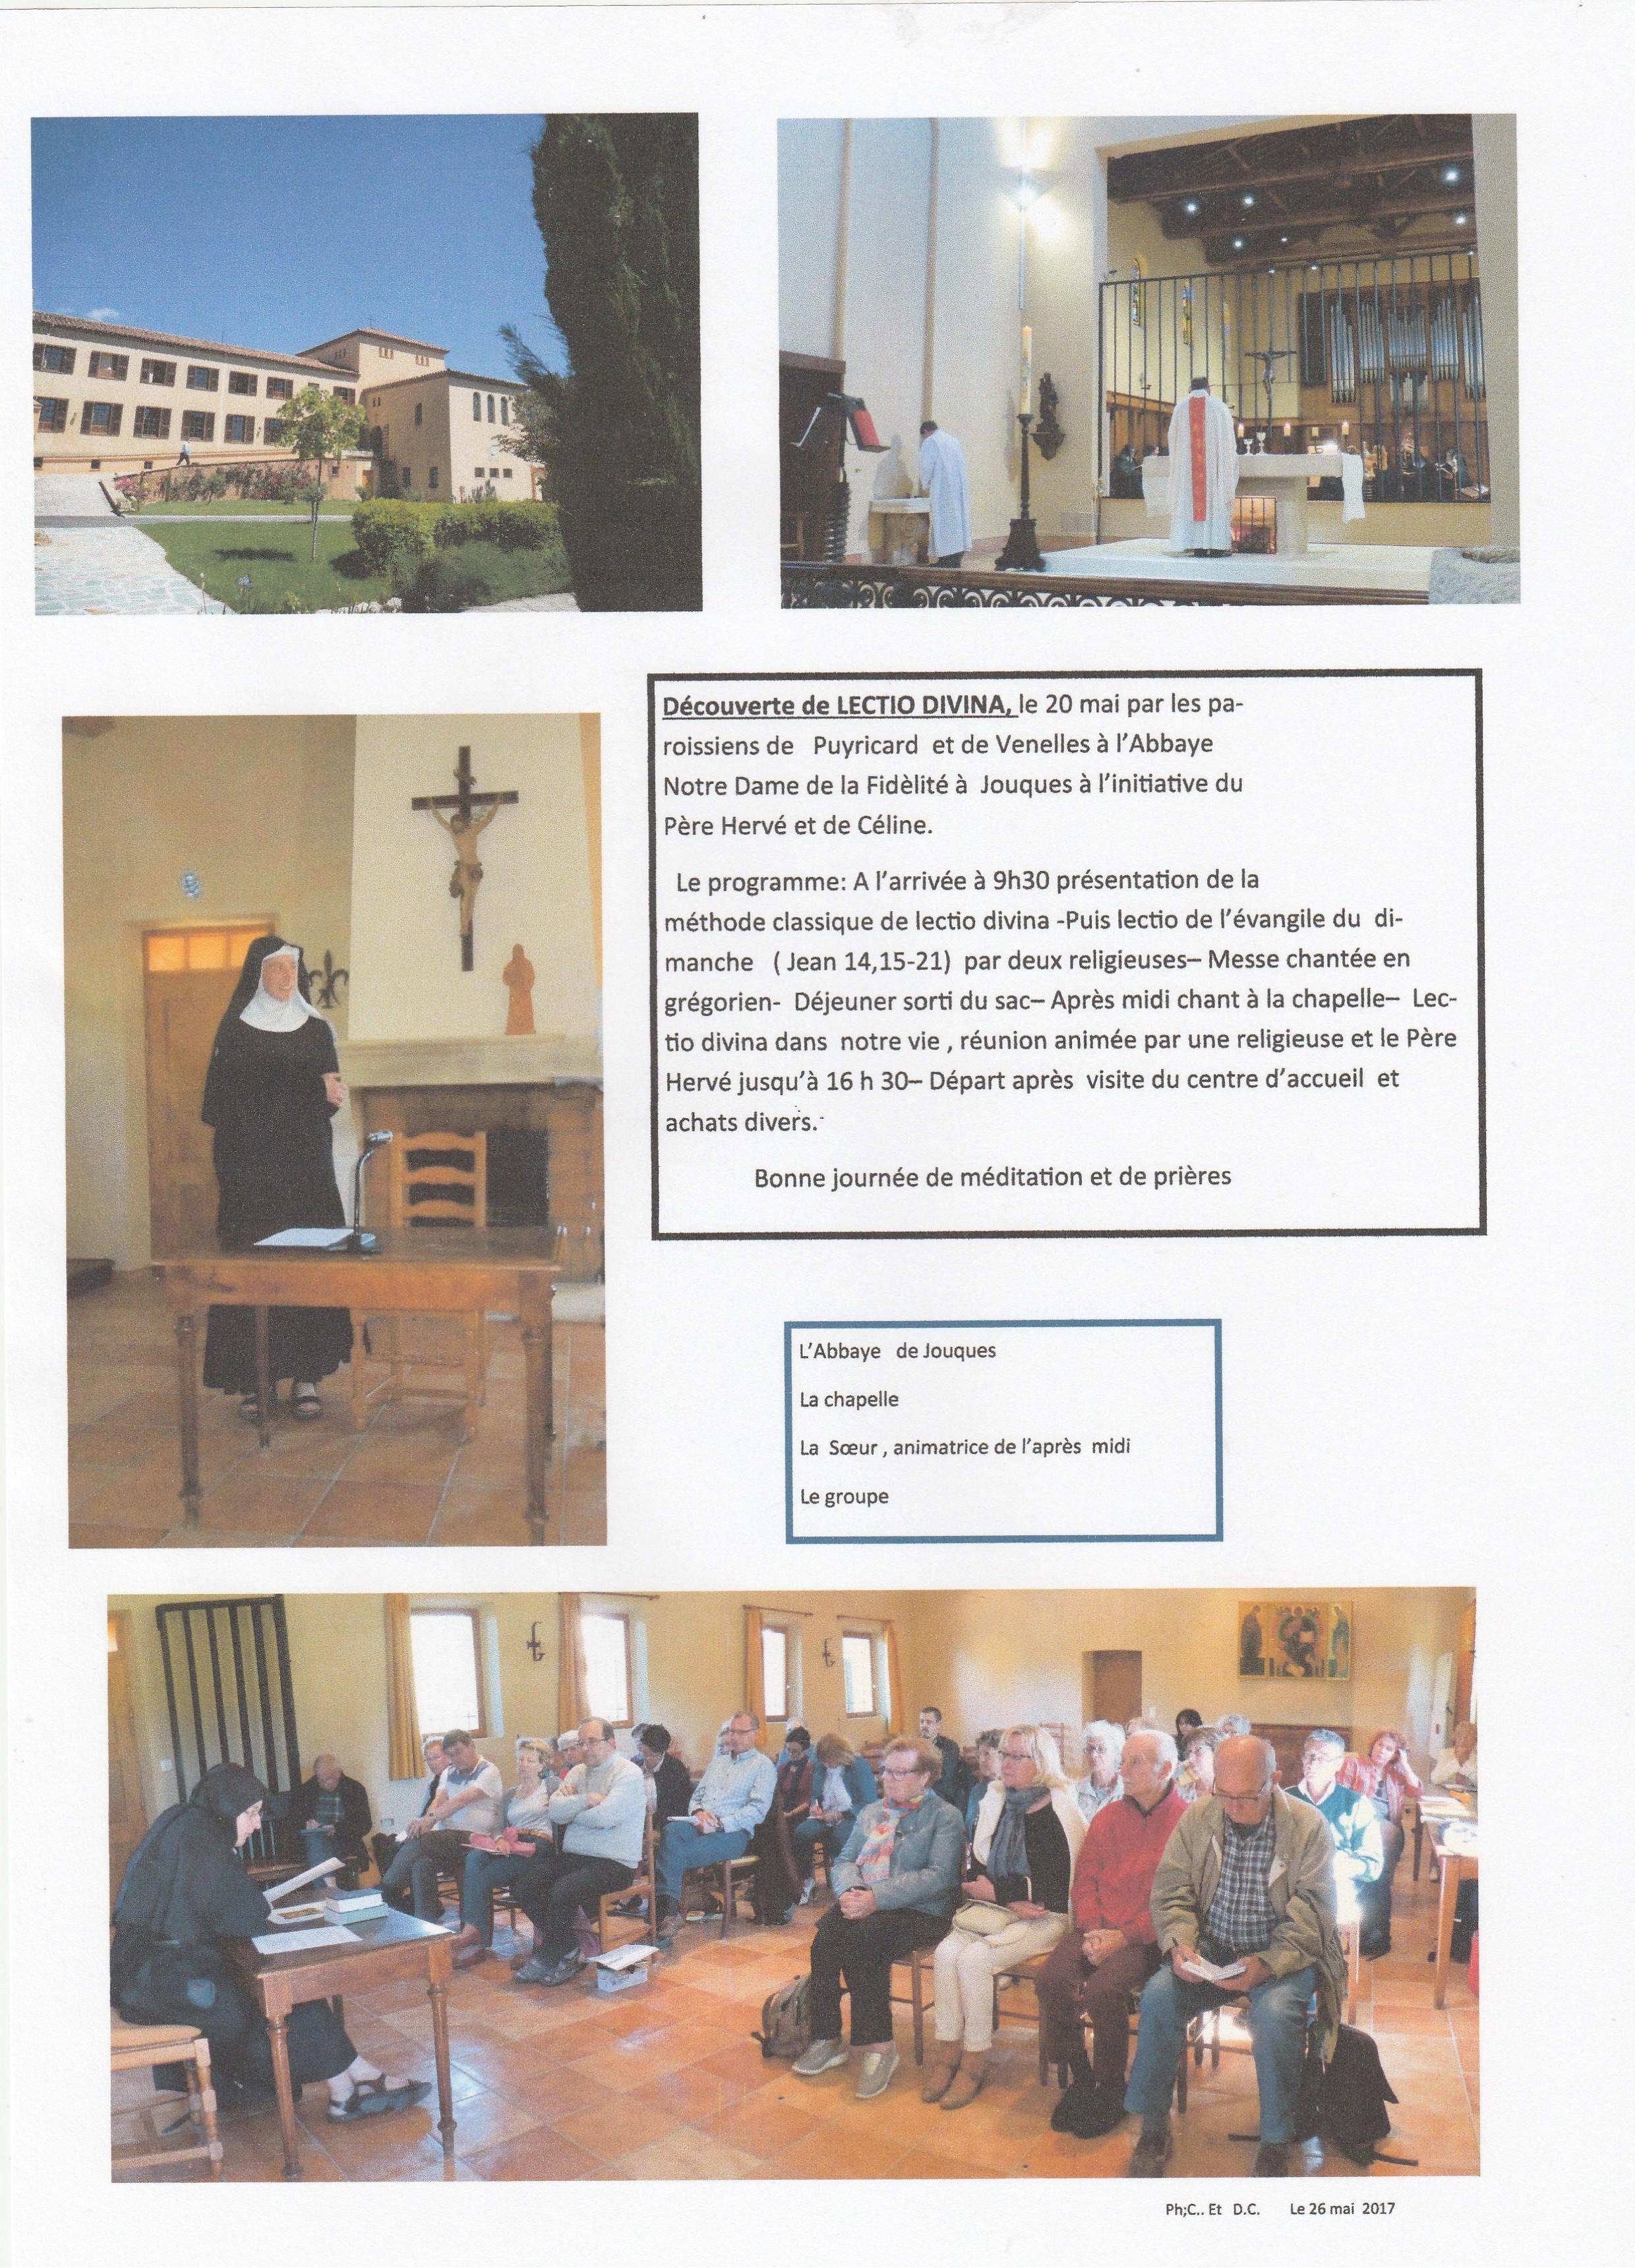 Lection Divina 20 mai abbaye Notre Dame de Fidélité - Jouques